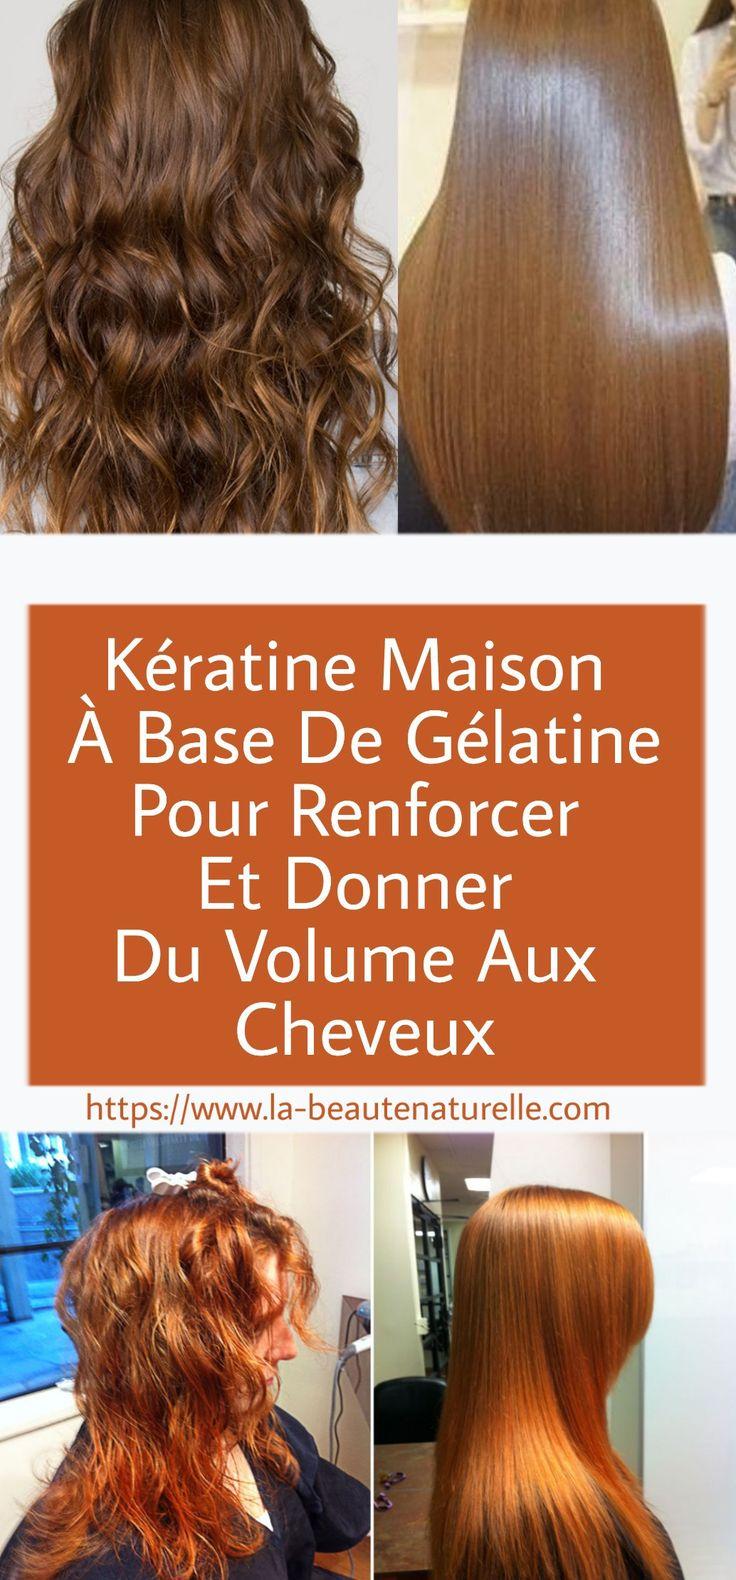 kératine maison à base de gélatine pour renforcer et donner du quantity aux cheveux